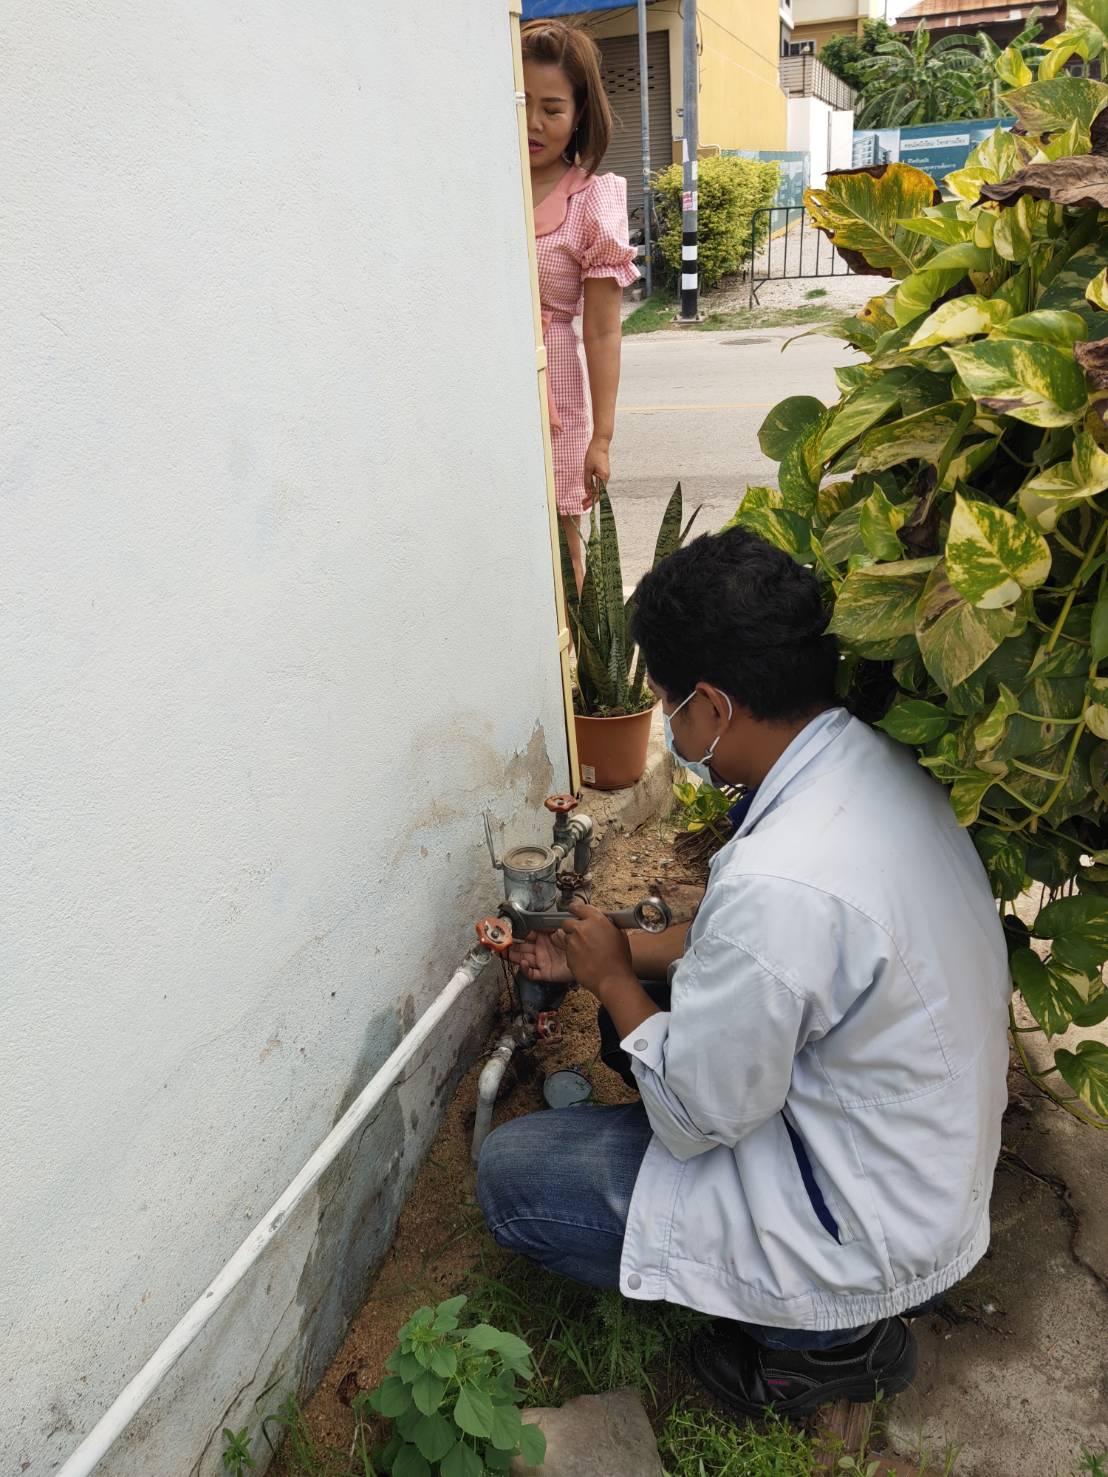 กปภ.สาขากำแพงเพชร จัดส่งมิสเตอร์ประปาตรวจสอบน้ำรั่ว